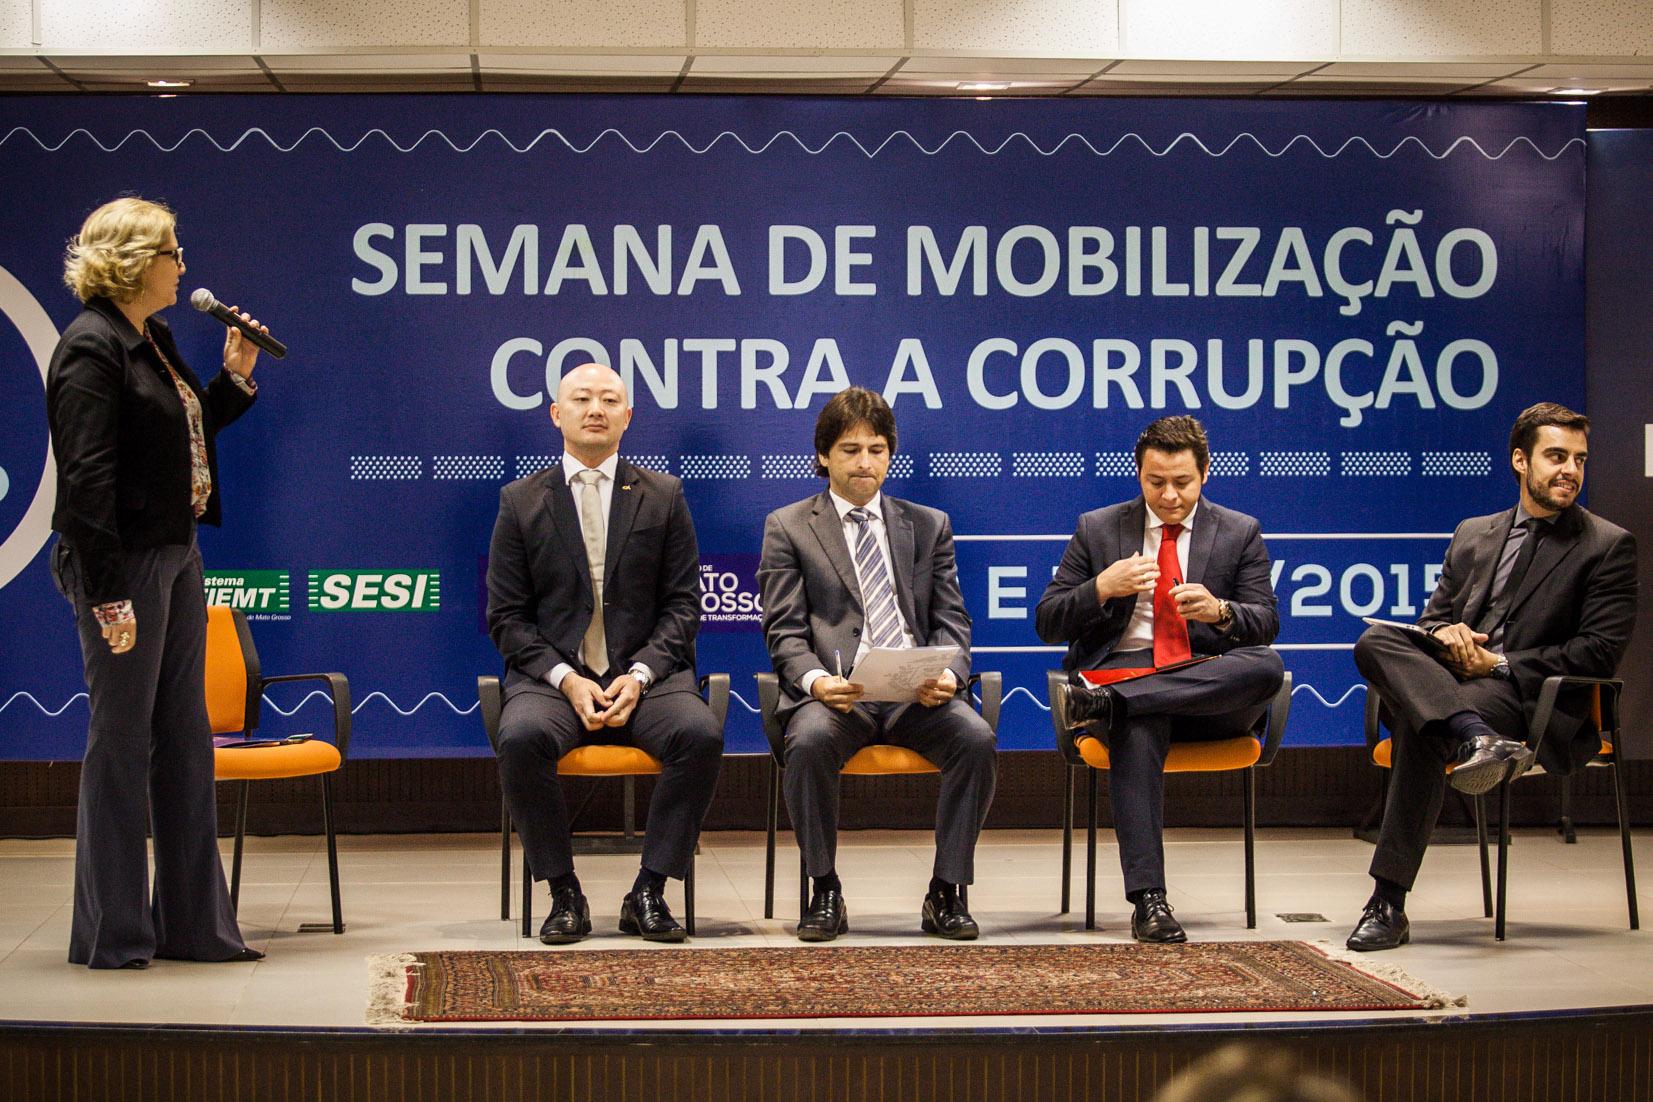 Governo abre Semana de Mobilização Contra a Corrupção